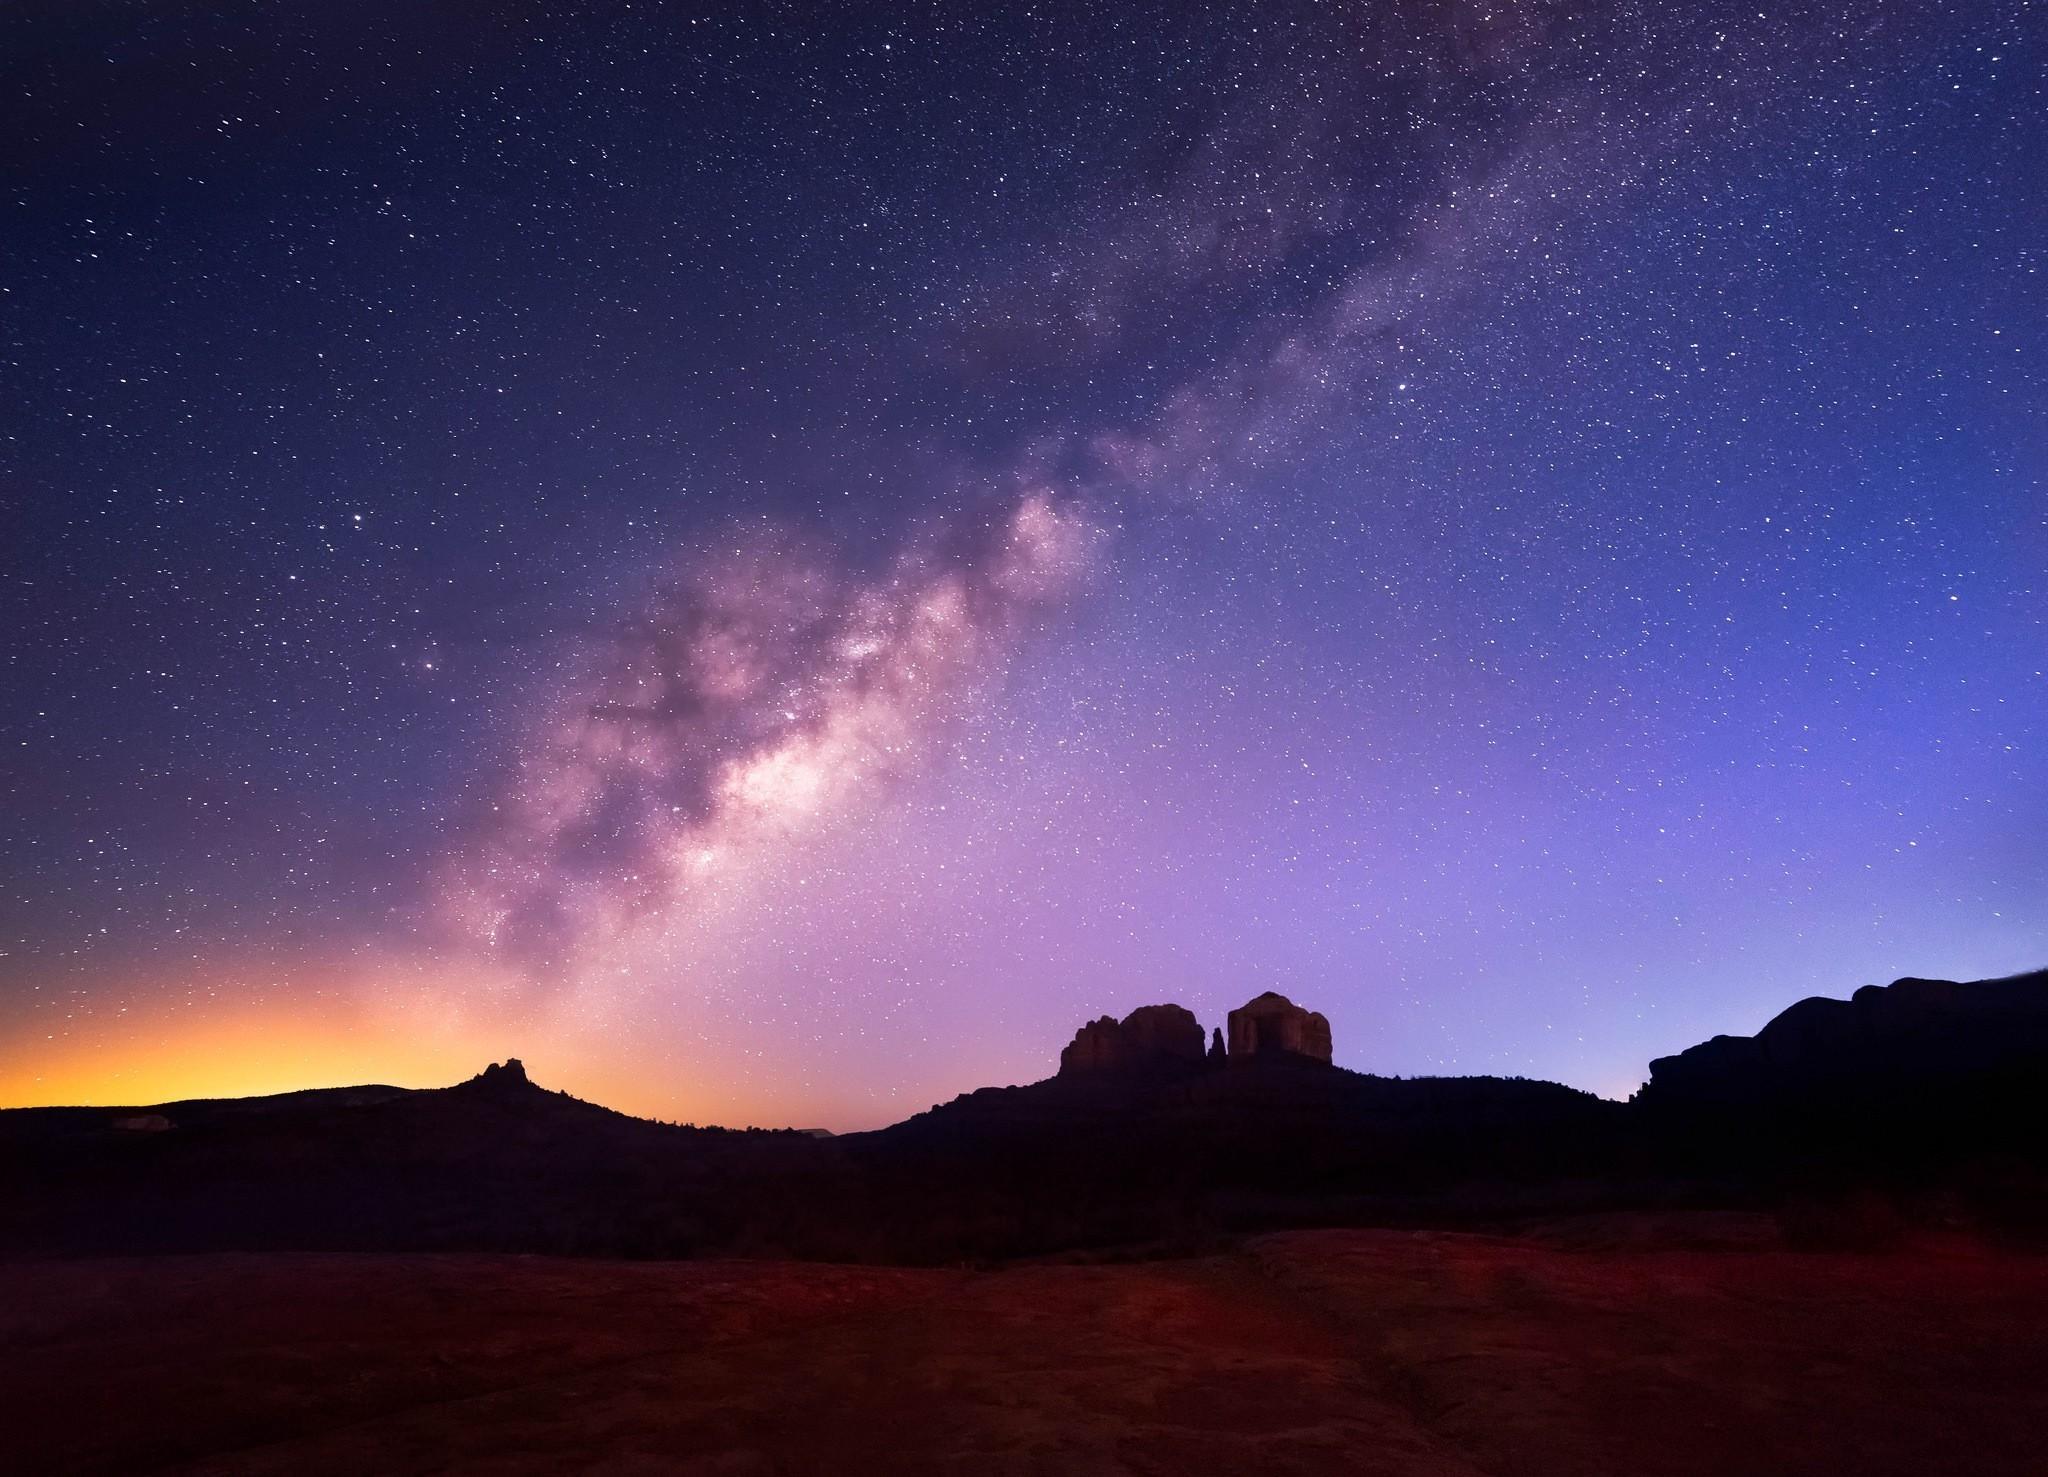 landscape, Stars, Space, Milky Way Wallpaper HD